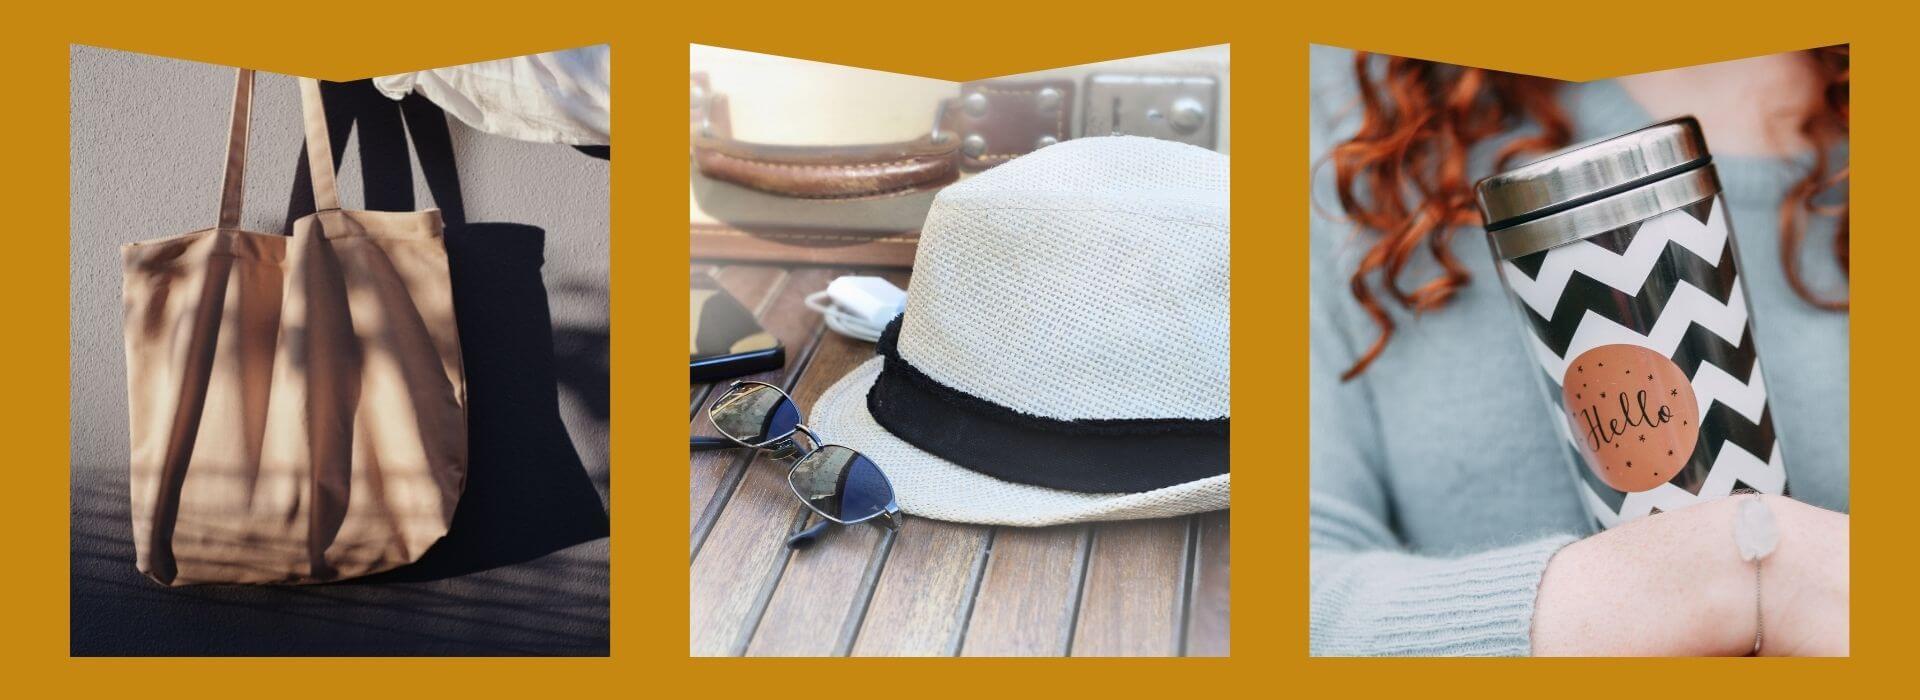 Tote bag, sun hat, tumbler